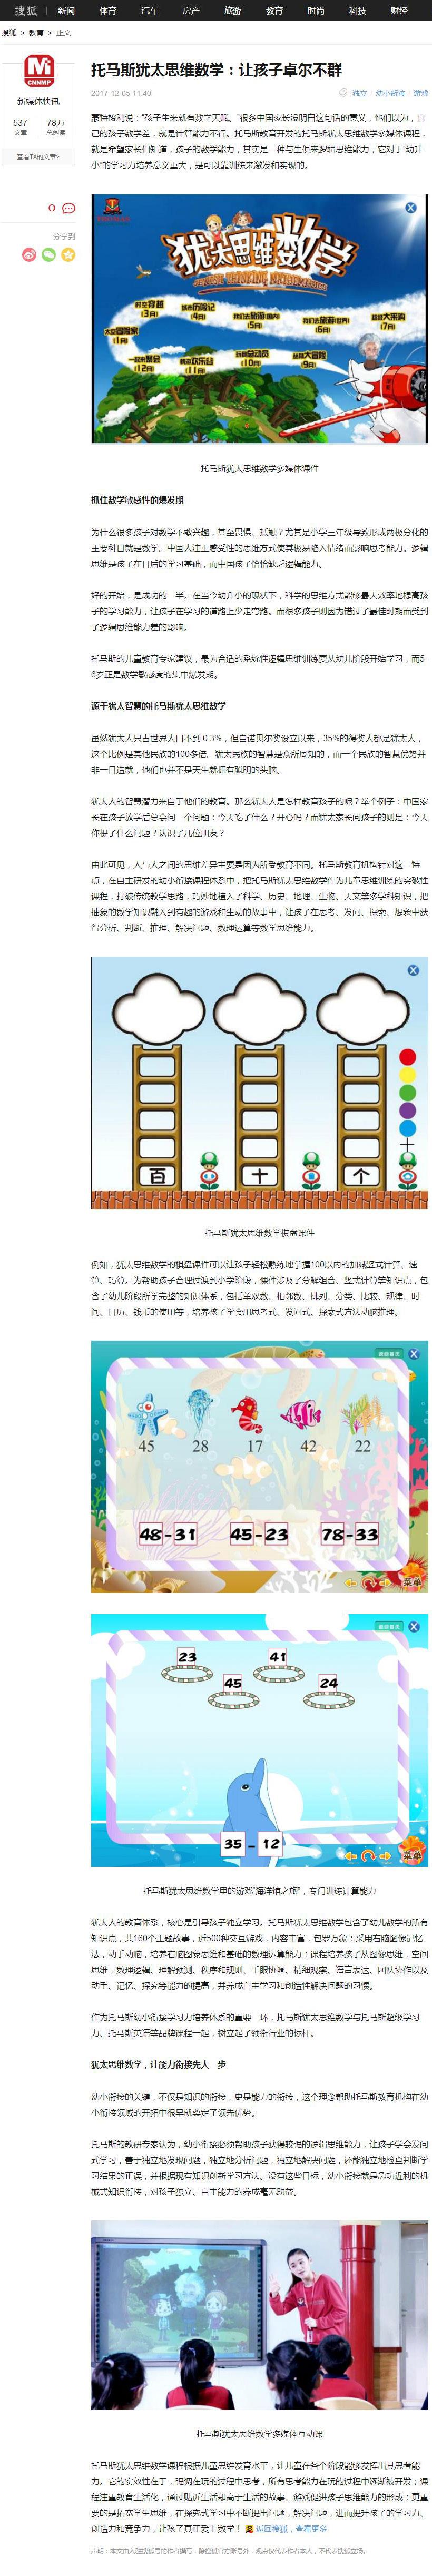 搜狐教育:托马斯犹太思维数学 让孩子卓尔不群